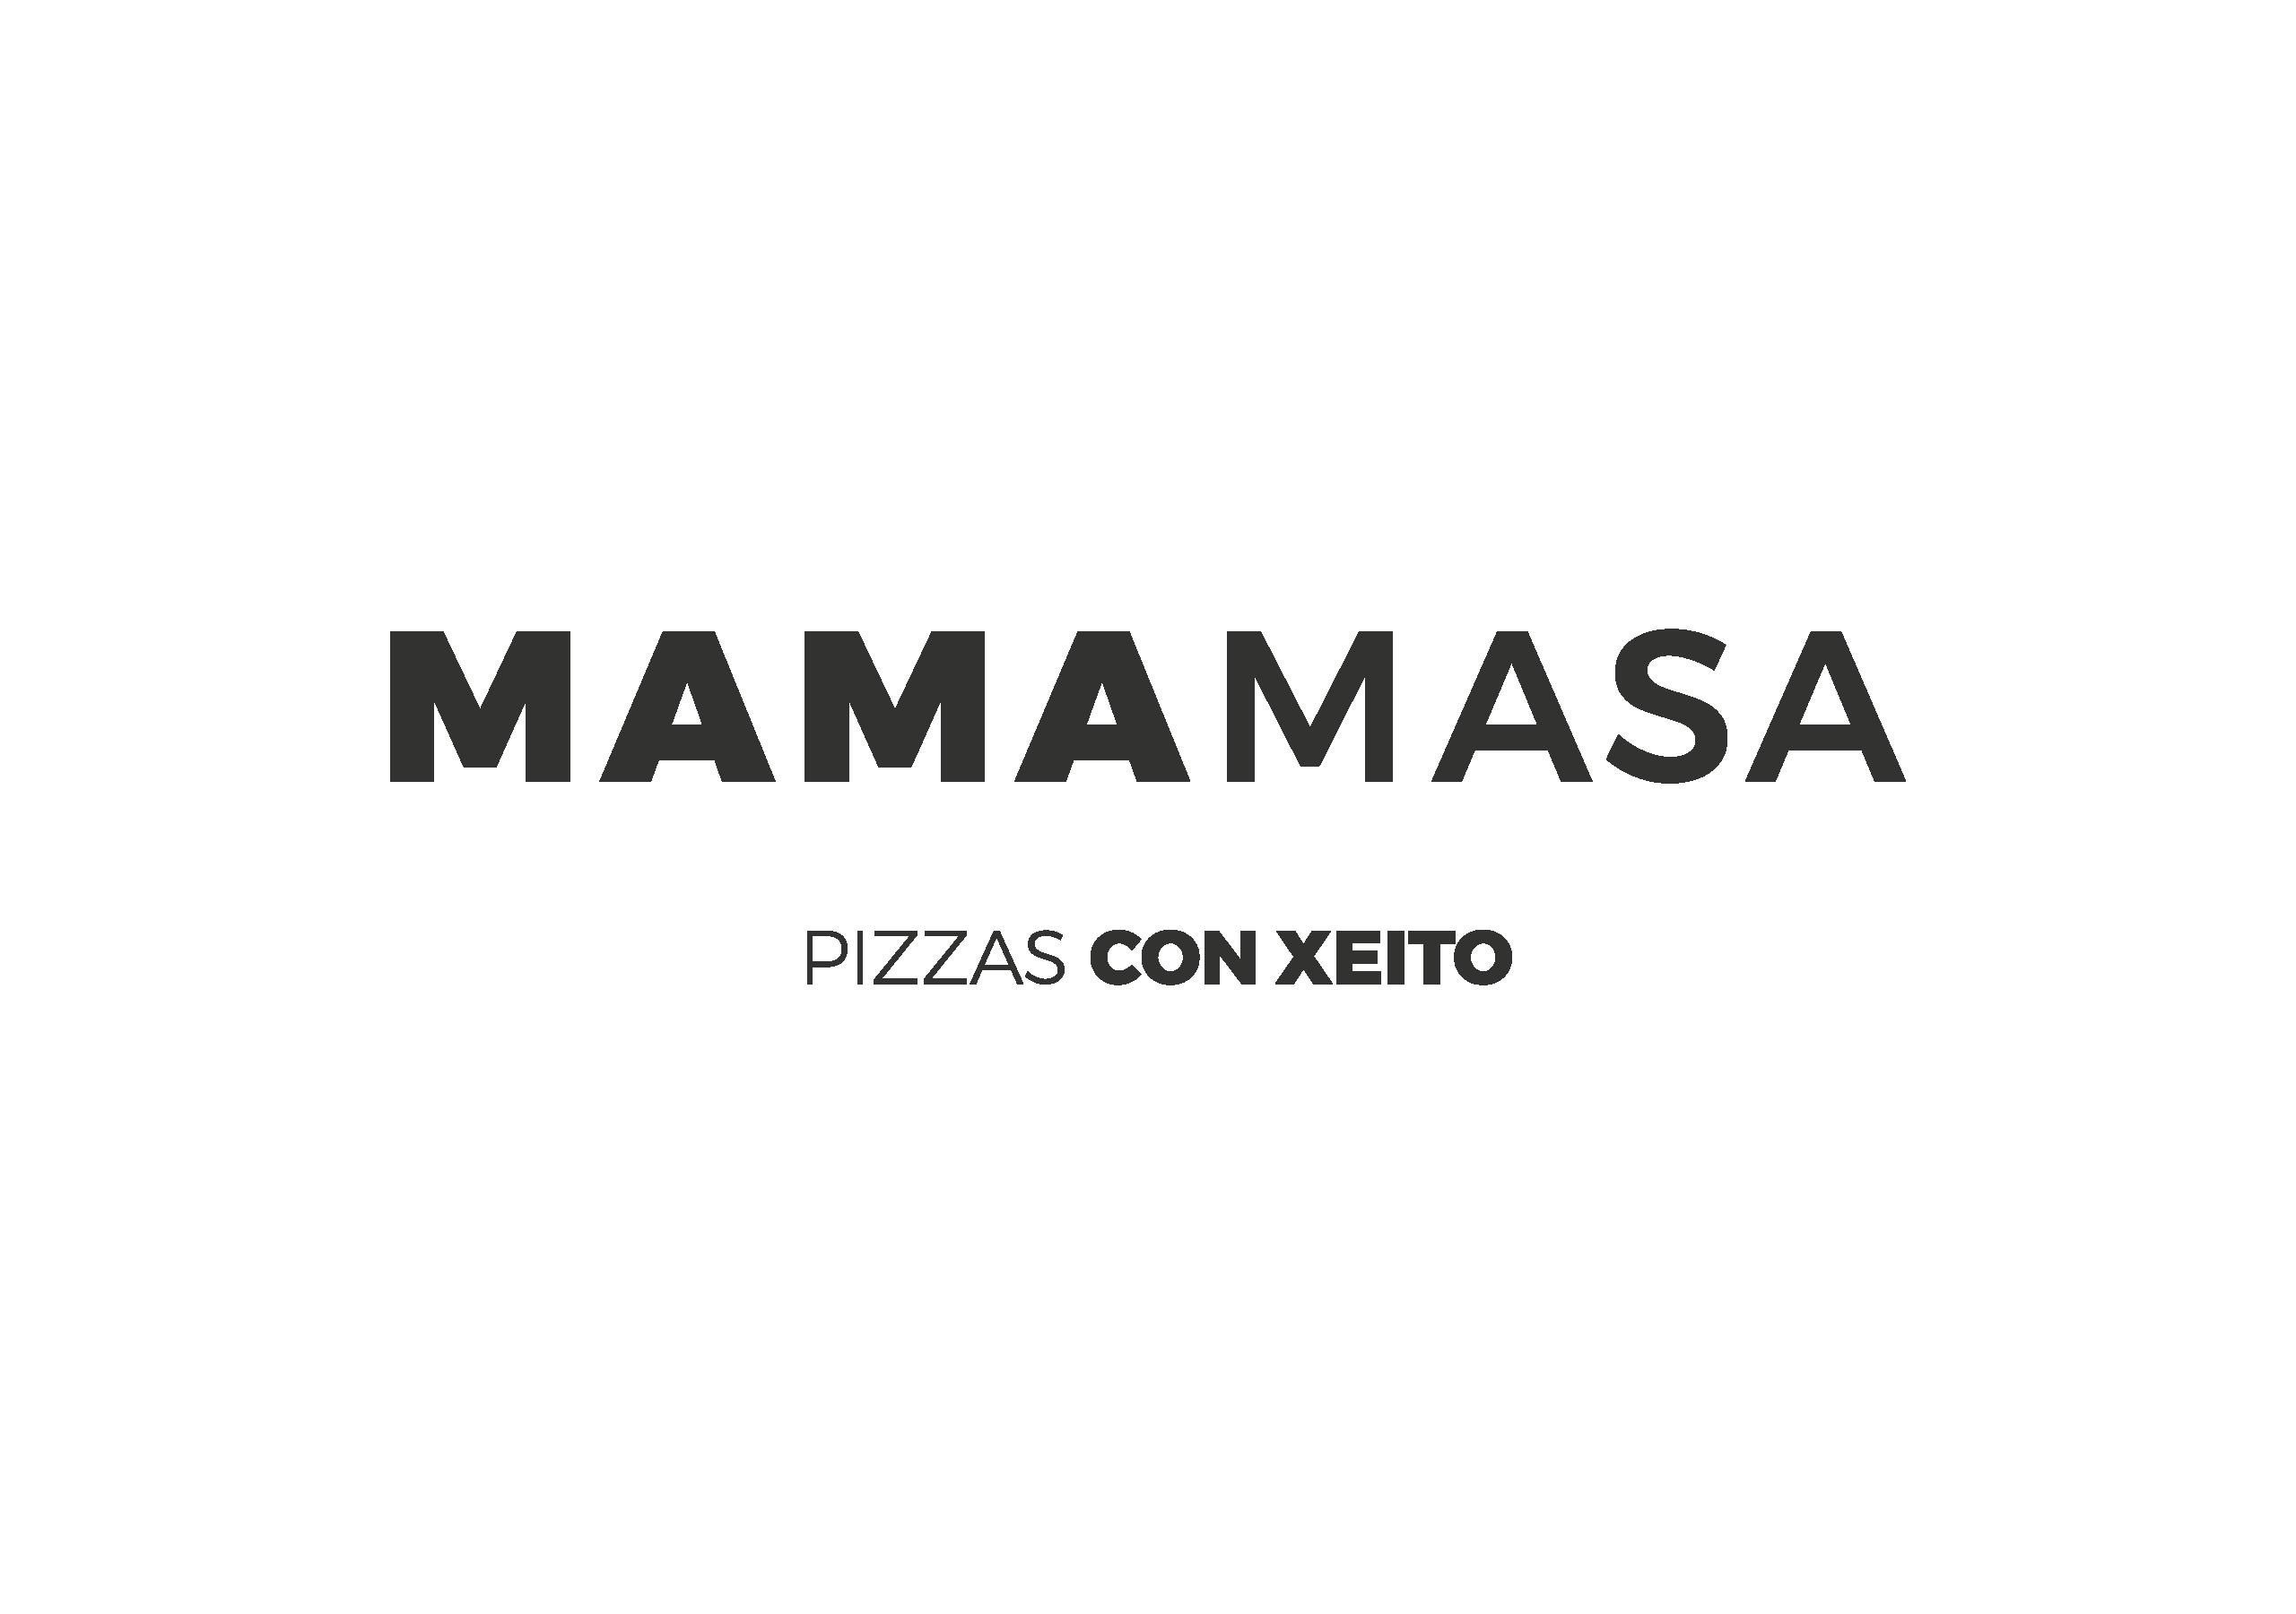 Mamamasa, pizzas con Xeito Anónimo Advertising